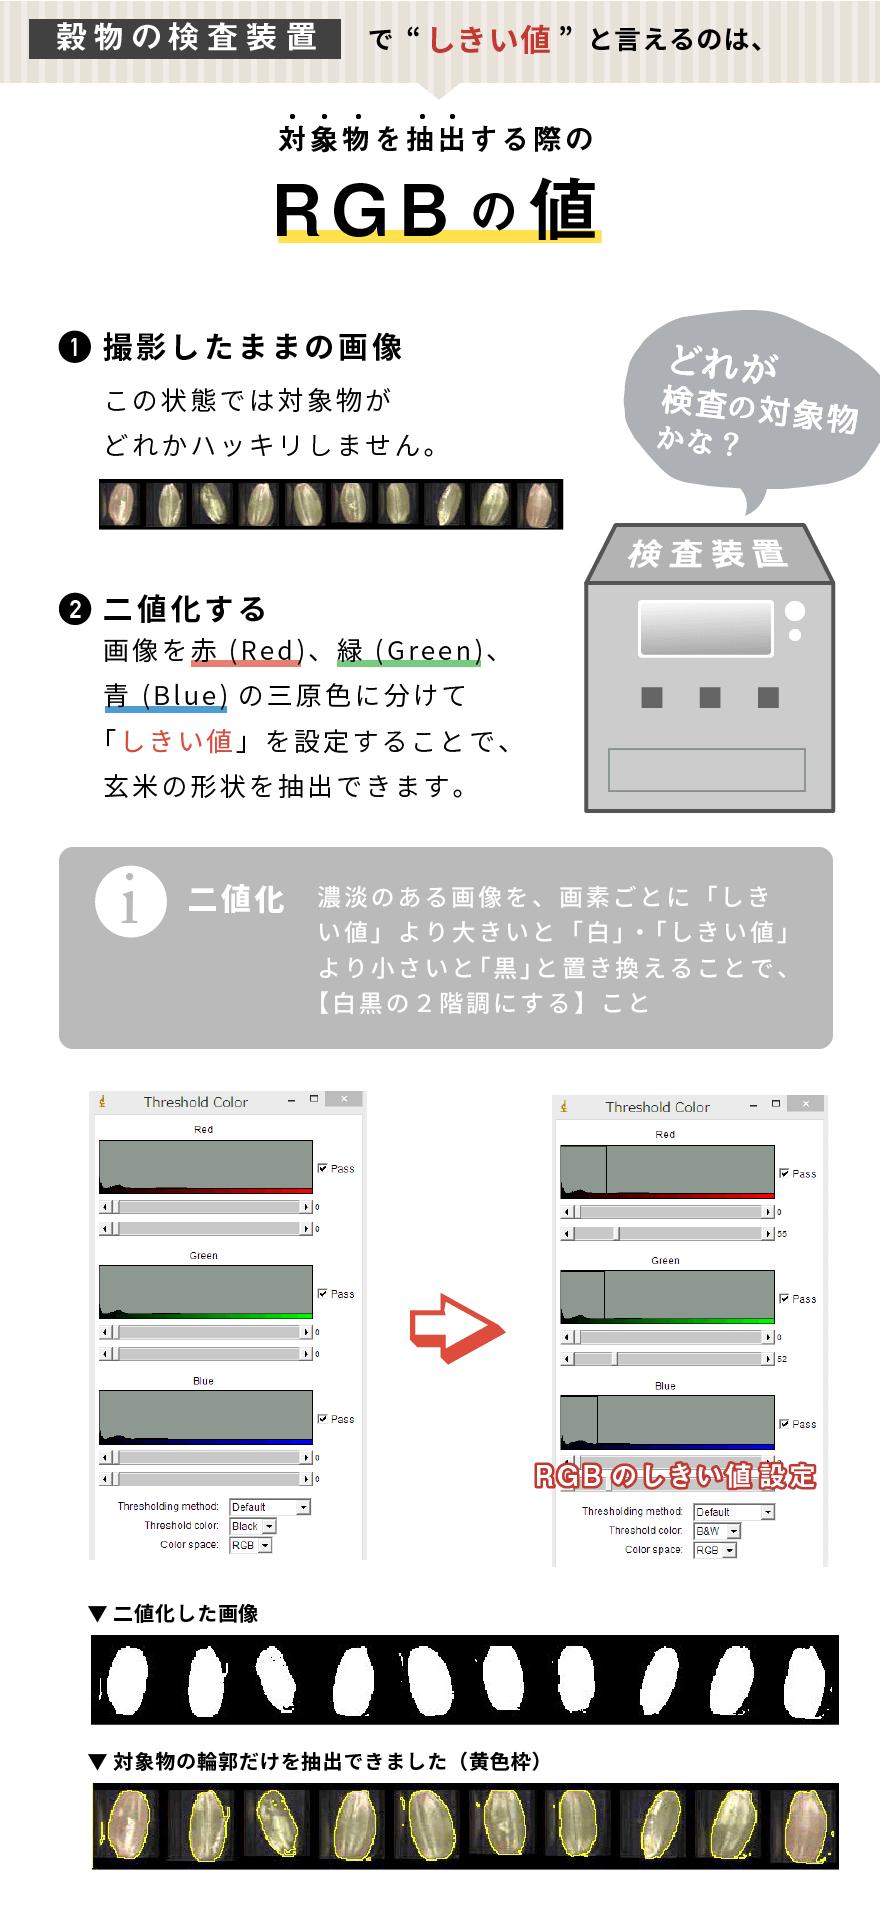 【穀物の検査装置】でしきい値と言えるのは、対象物を抽出する際のRGBの値 どれが検査の対象物かな? 画像を赤 (Red)、緑 (Green)、青 (Blue)の三原色に分けて「しきい値」を設定することで、玄米の形状を抽出できます。(二値化とは、濃淡のある画像を、画素ごとに「しきい値」より大きいと「白」・「しきい値」より小さいと「黒」と置き換えることで、【白黒の2階調にする】こと)